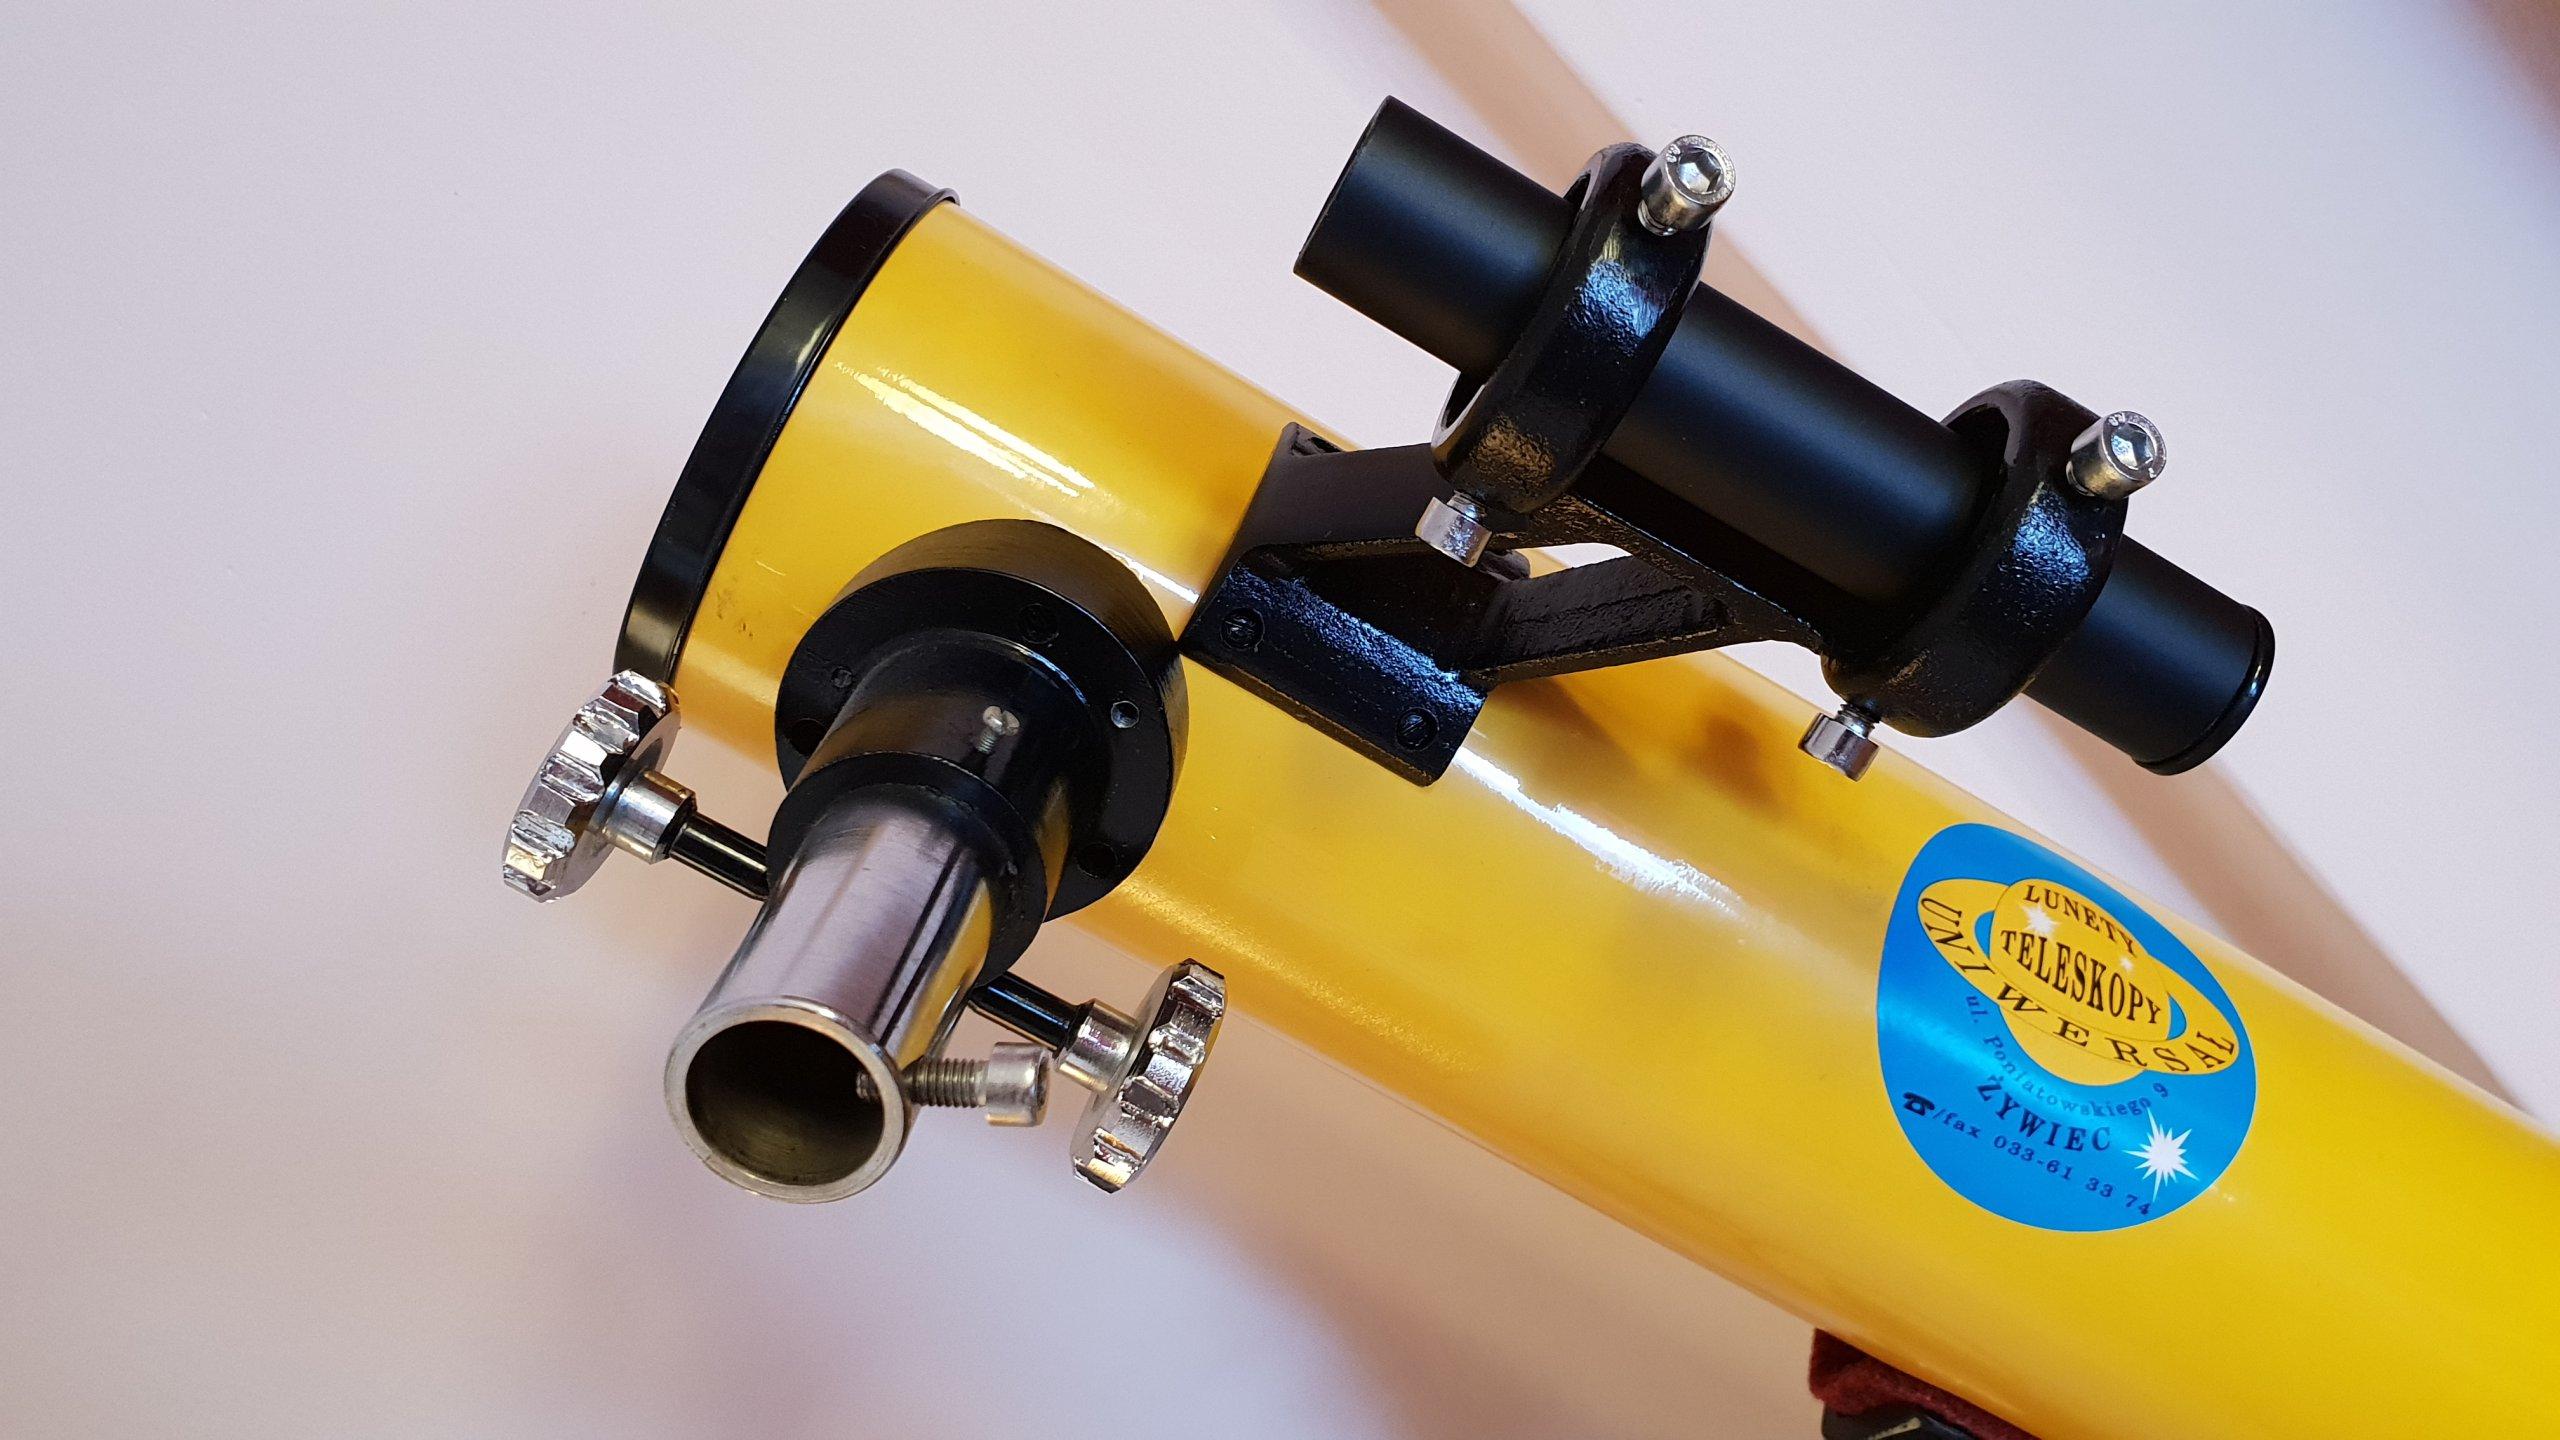 Profesjonalny teleskop newtona firmy uniwersał